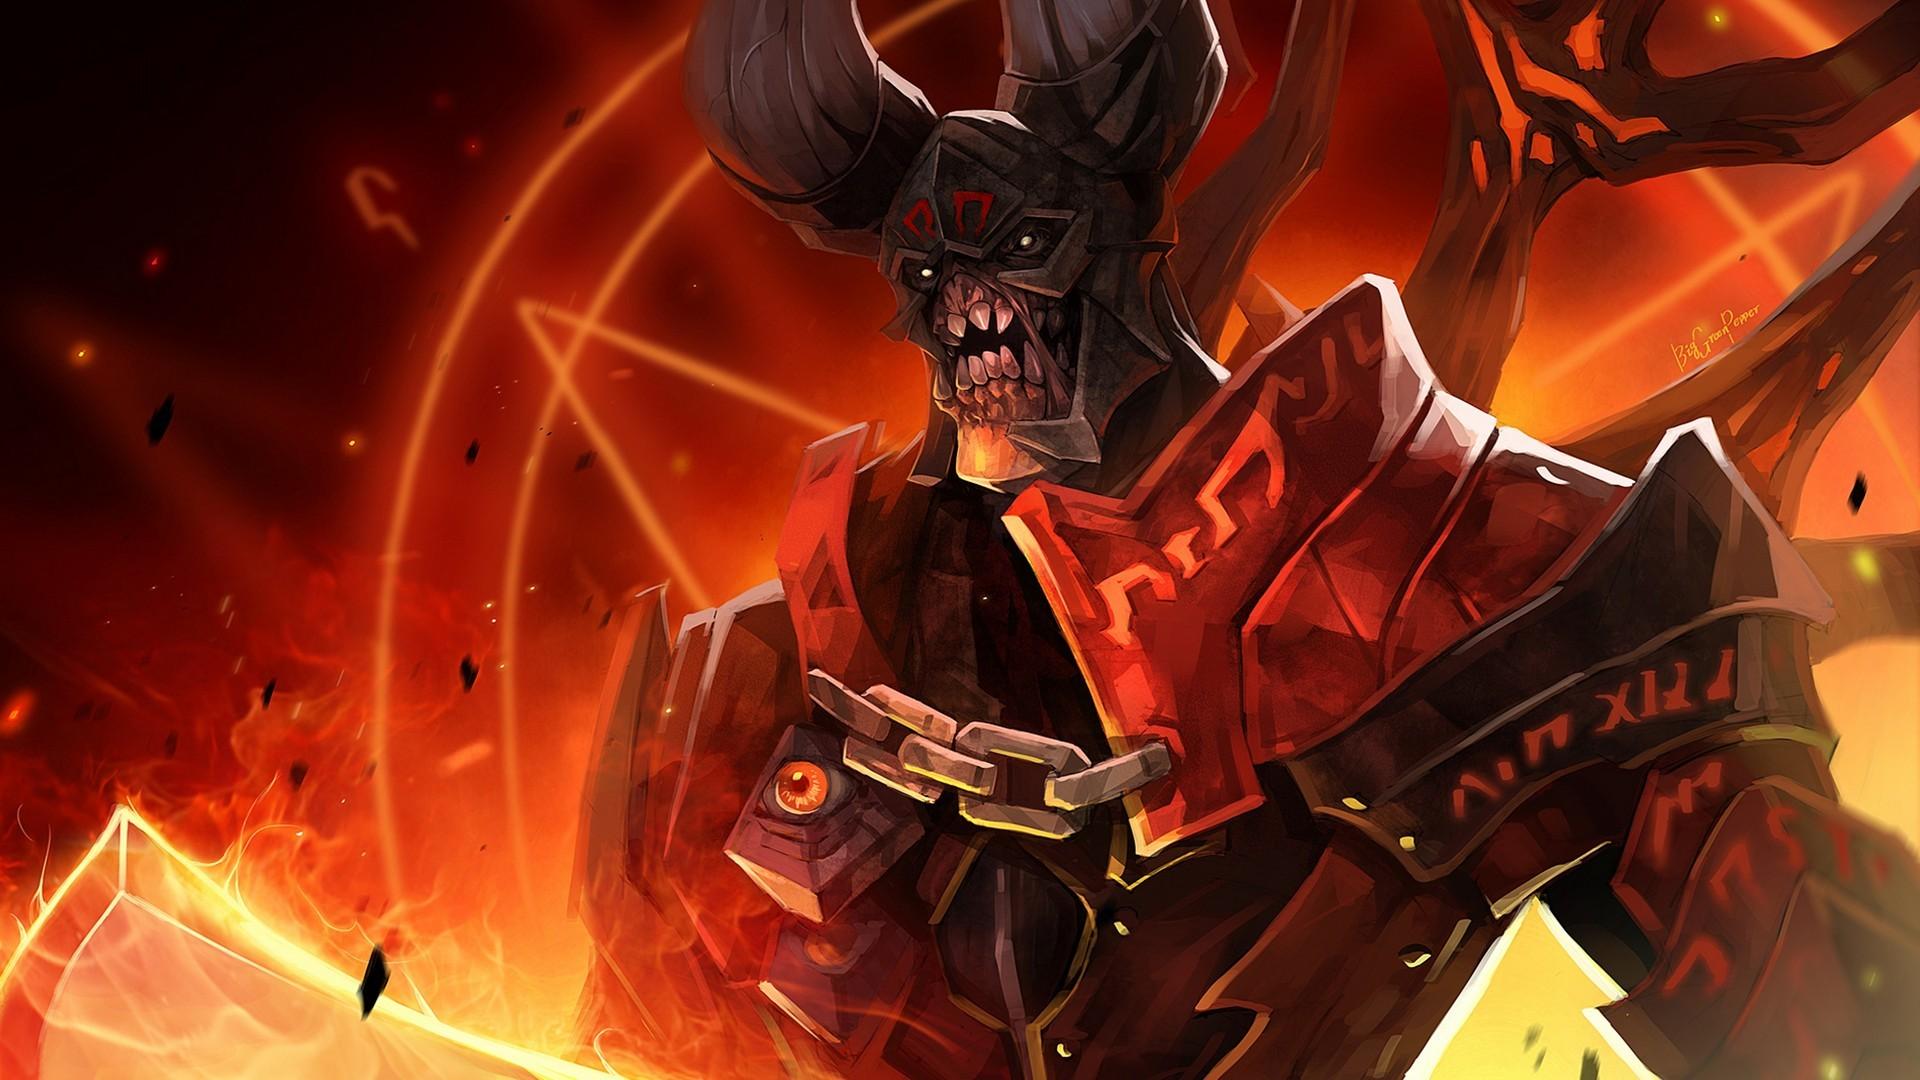 Res: 1920x1080, Doom Doom Dota Heroes Screen Shot Wallpaper HD For Desktop